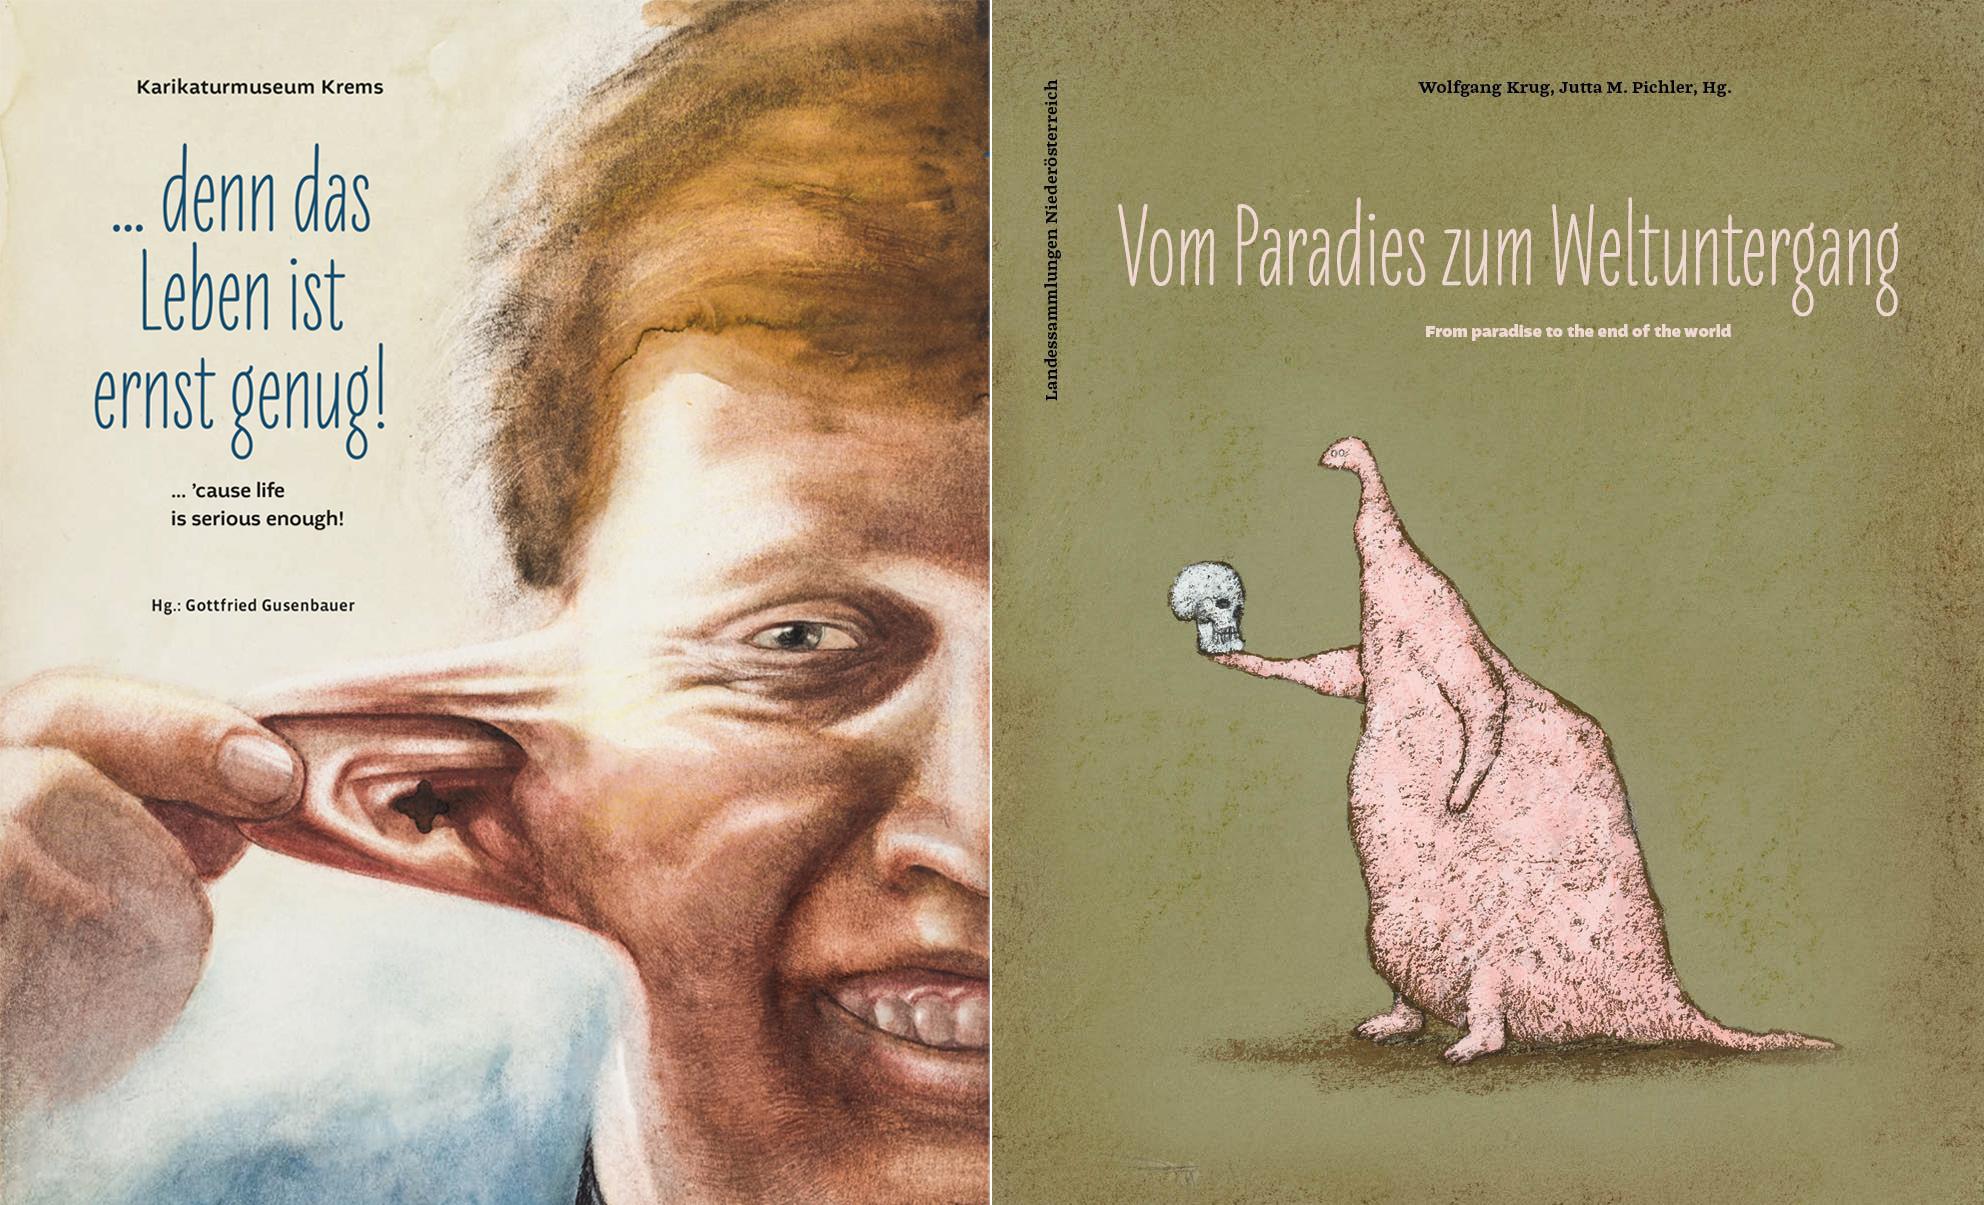 Anlässlich 20 Jahre Karikaturmuseum Krems und 20 Jahre Karikatursammlung des Landes Niederösterreich sind zwei Jubiläumspublikationen erschienen.